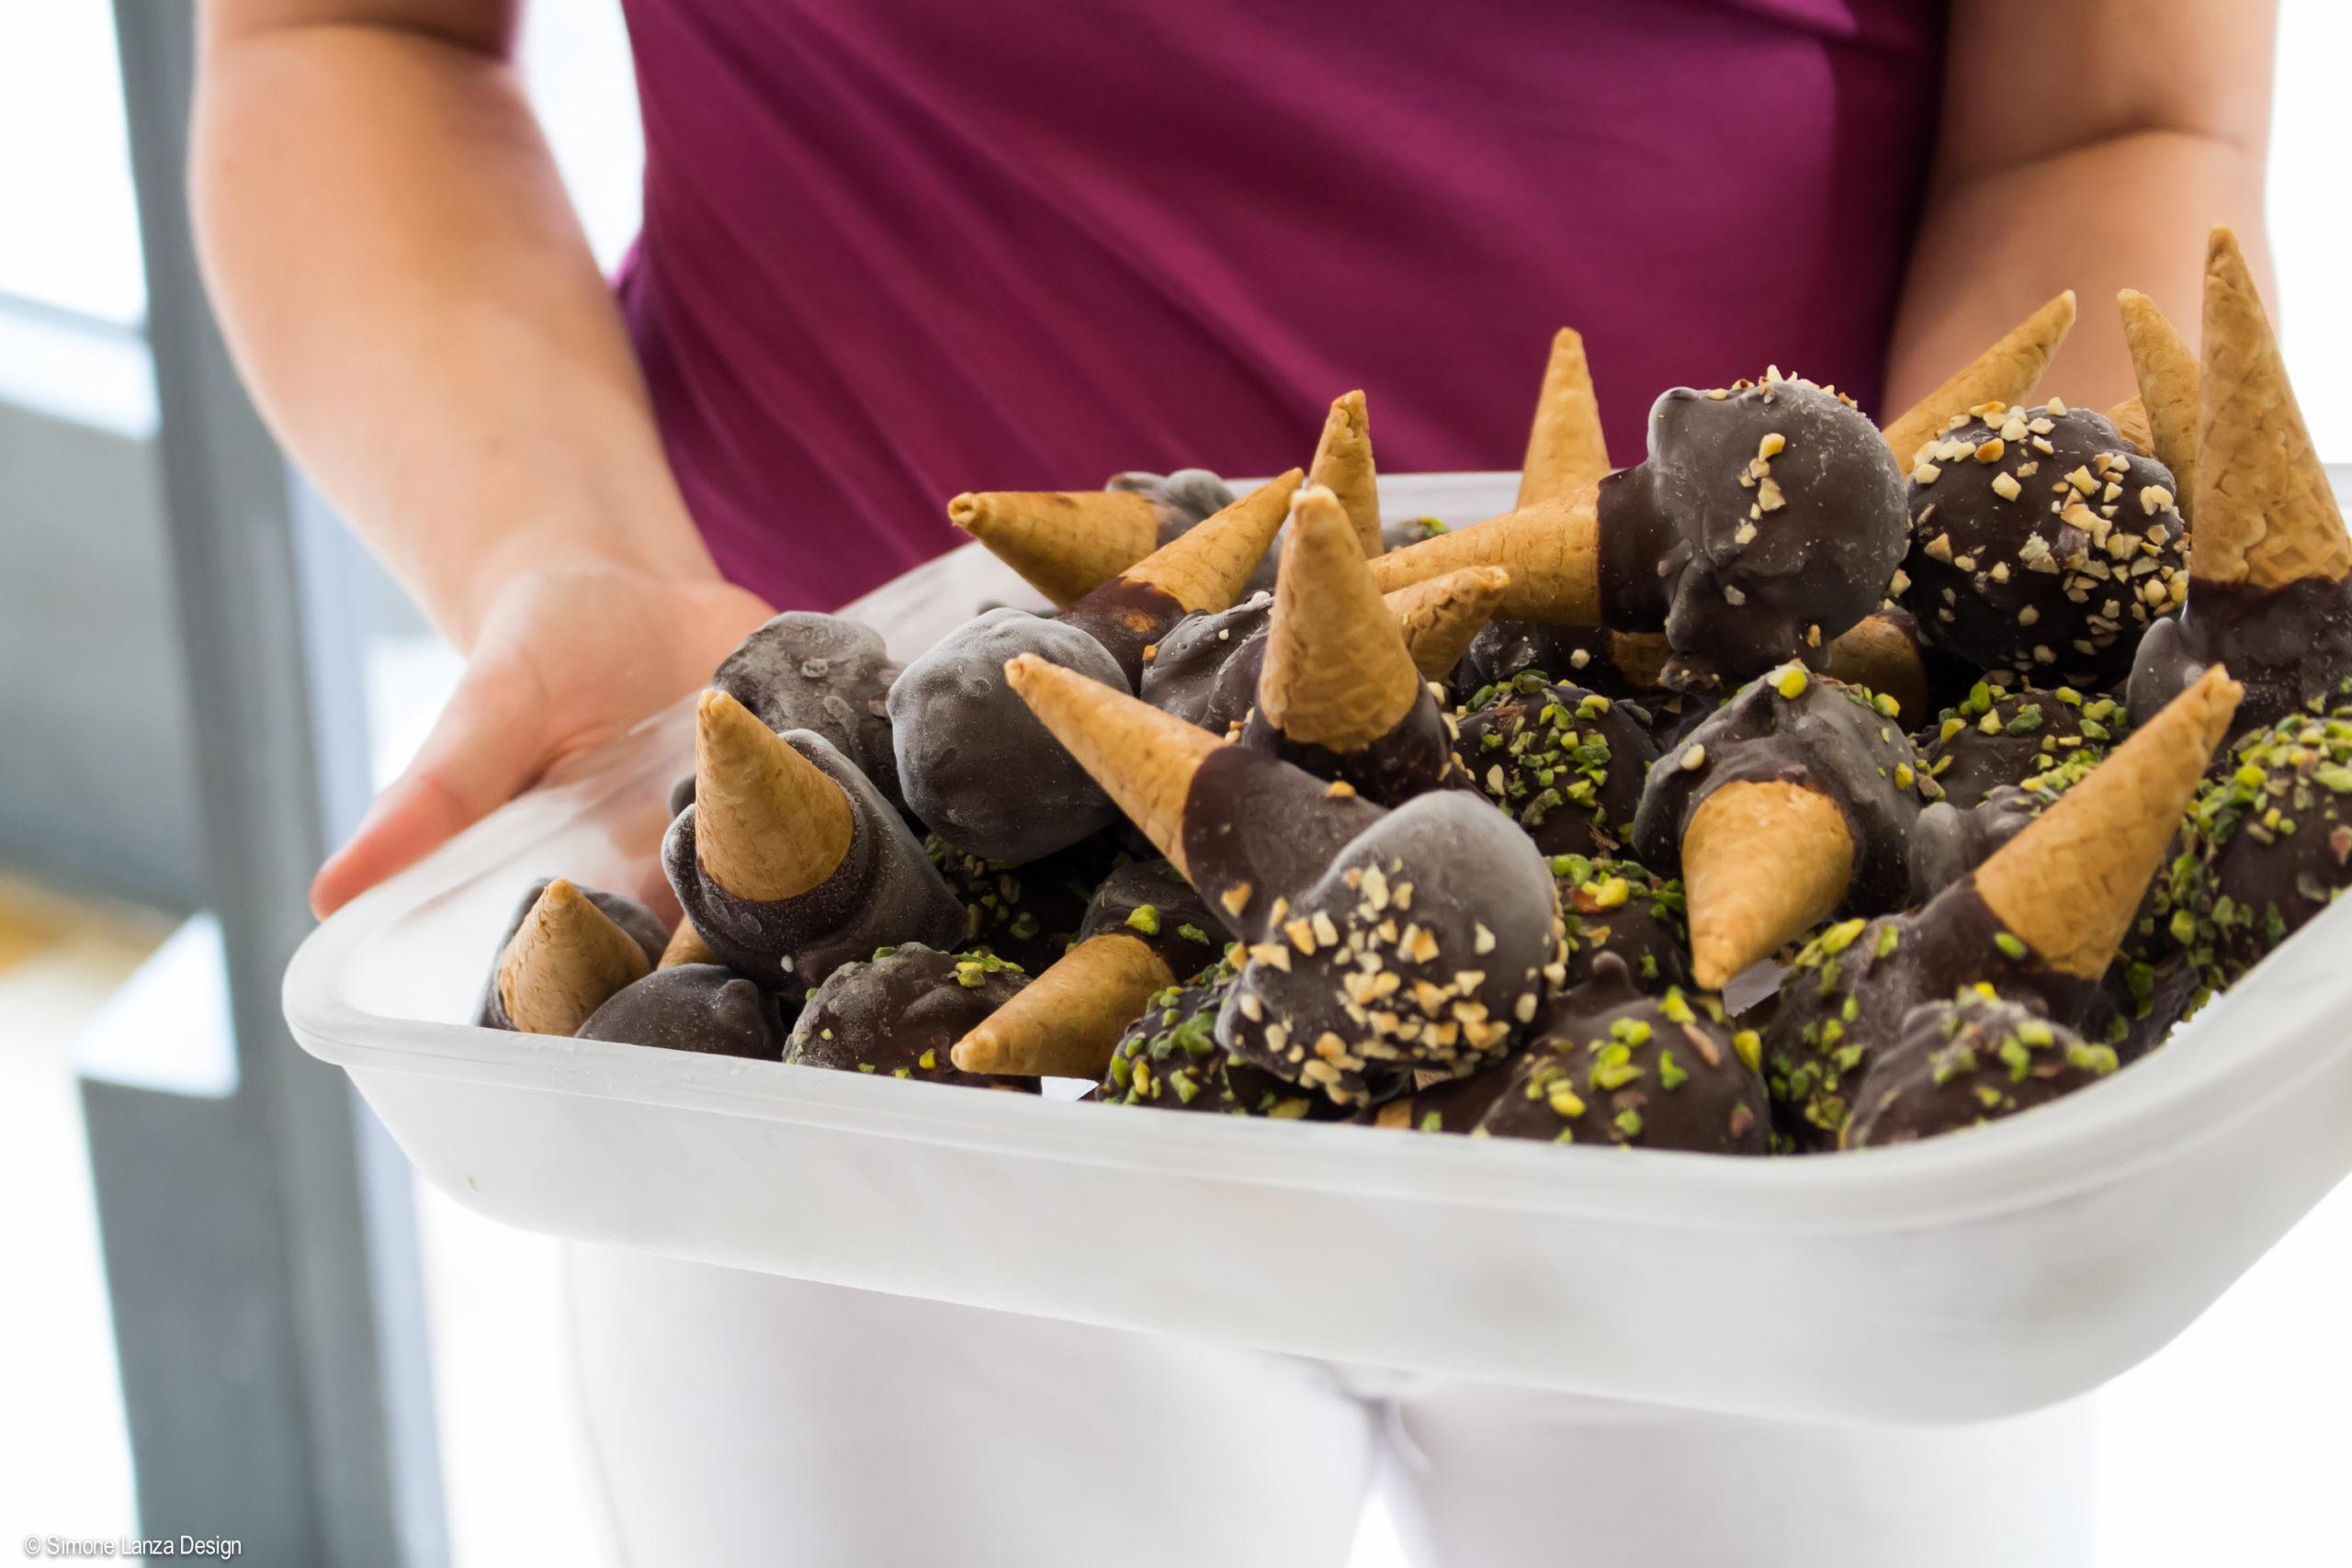 Ragazza tiene in mano un vassoio di mini coni ricoperti di cioccolato e granella, realizzati dalla gelateria Terra e Cuore